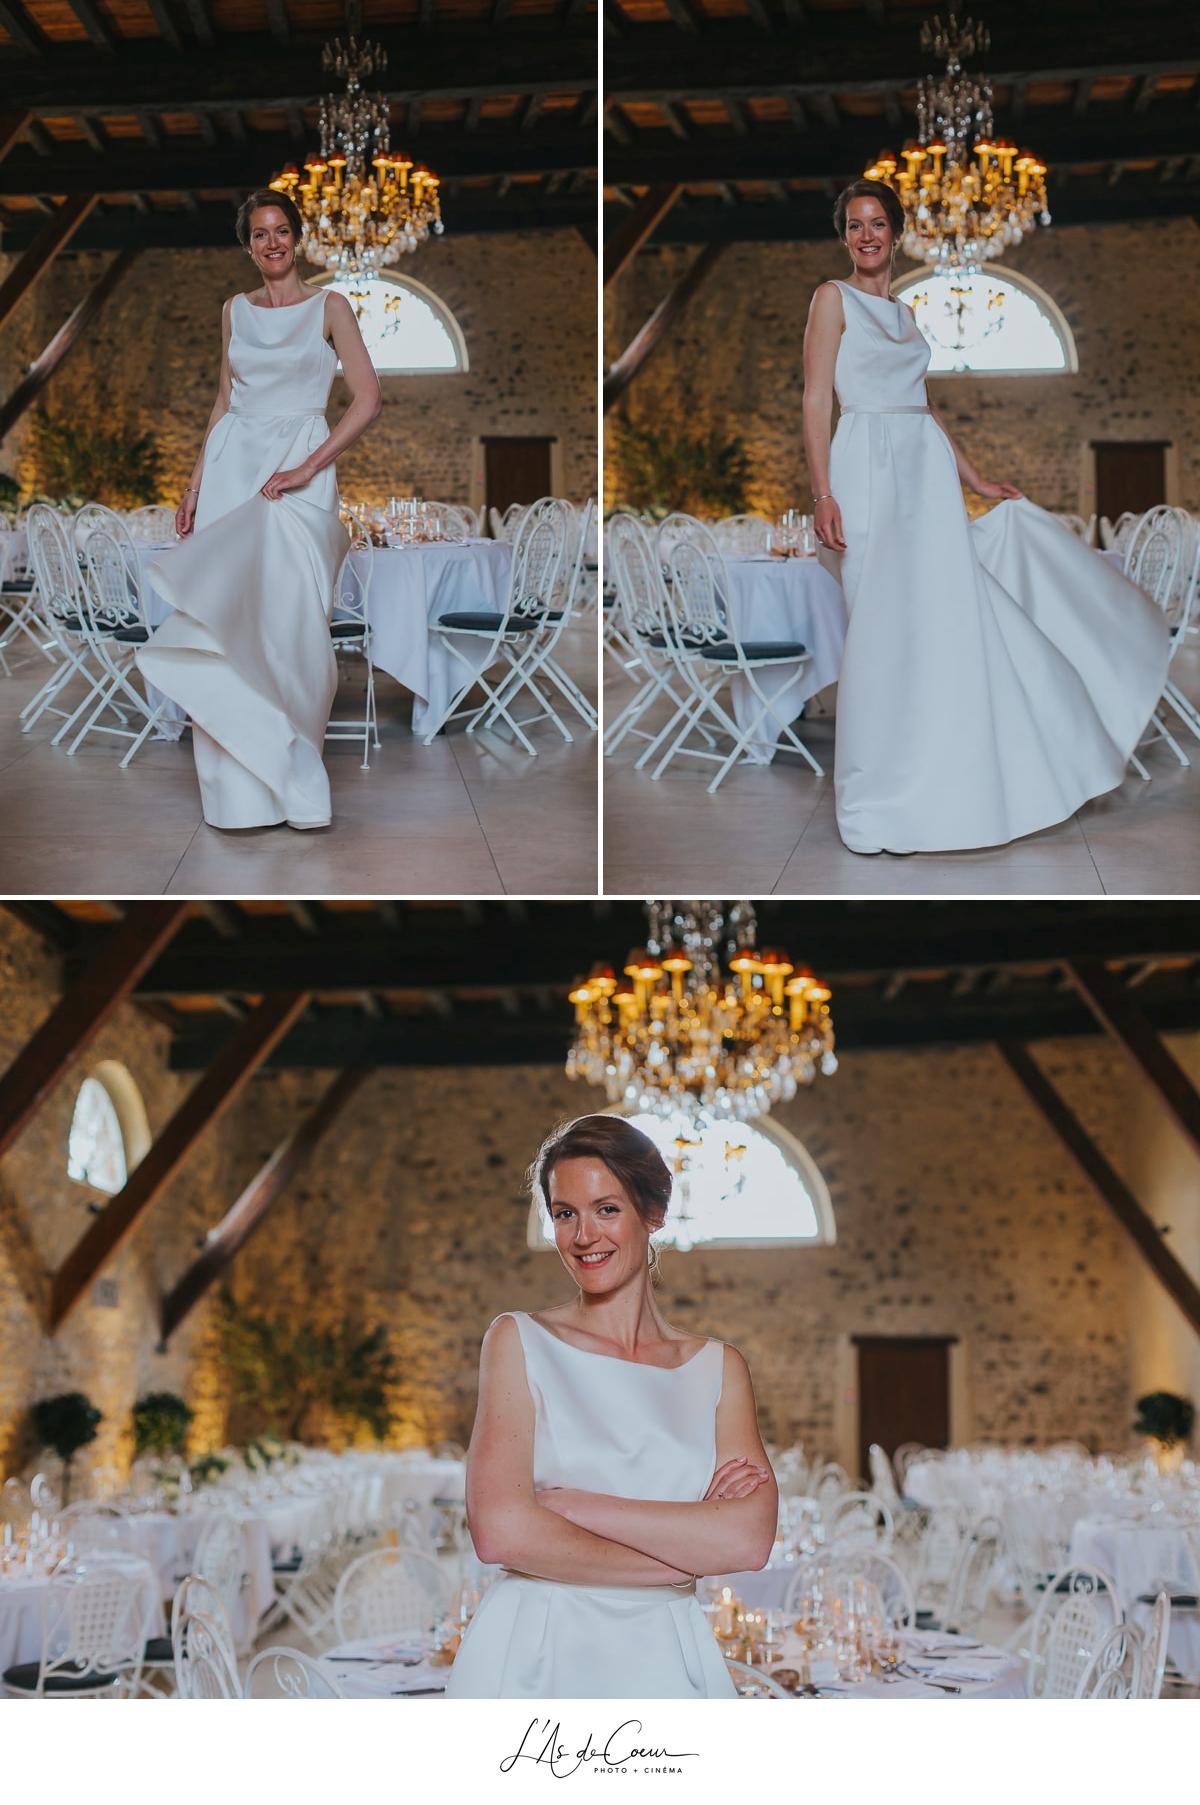 plan B portraits sous la pluie mariage Domaine de Morgon la javernière photographe mariage lyon Beaujolais L'As de Coeur